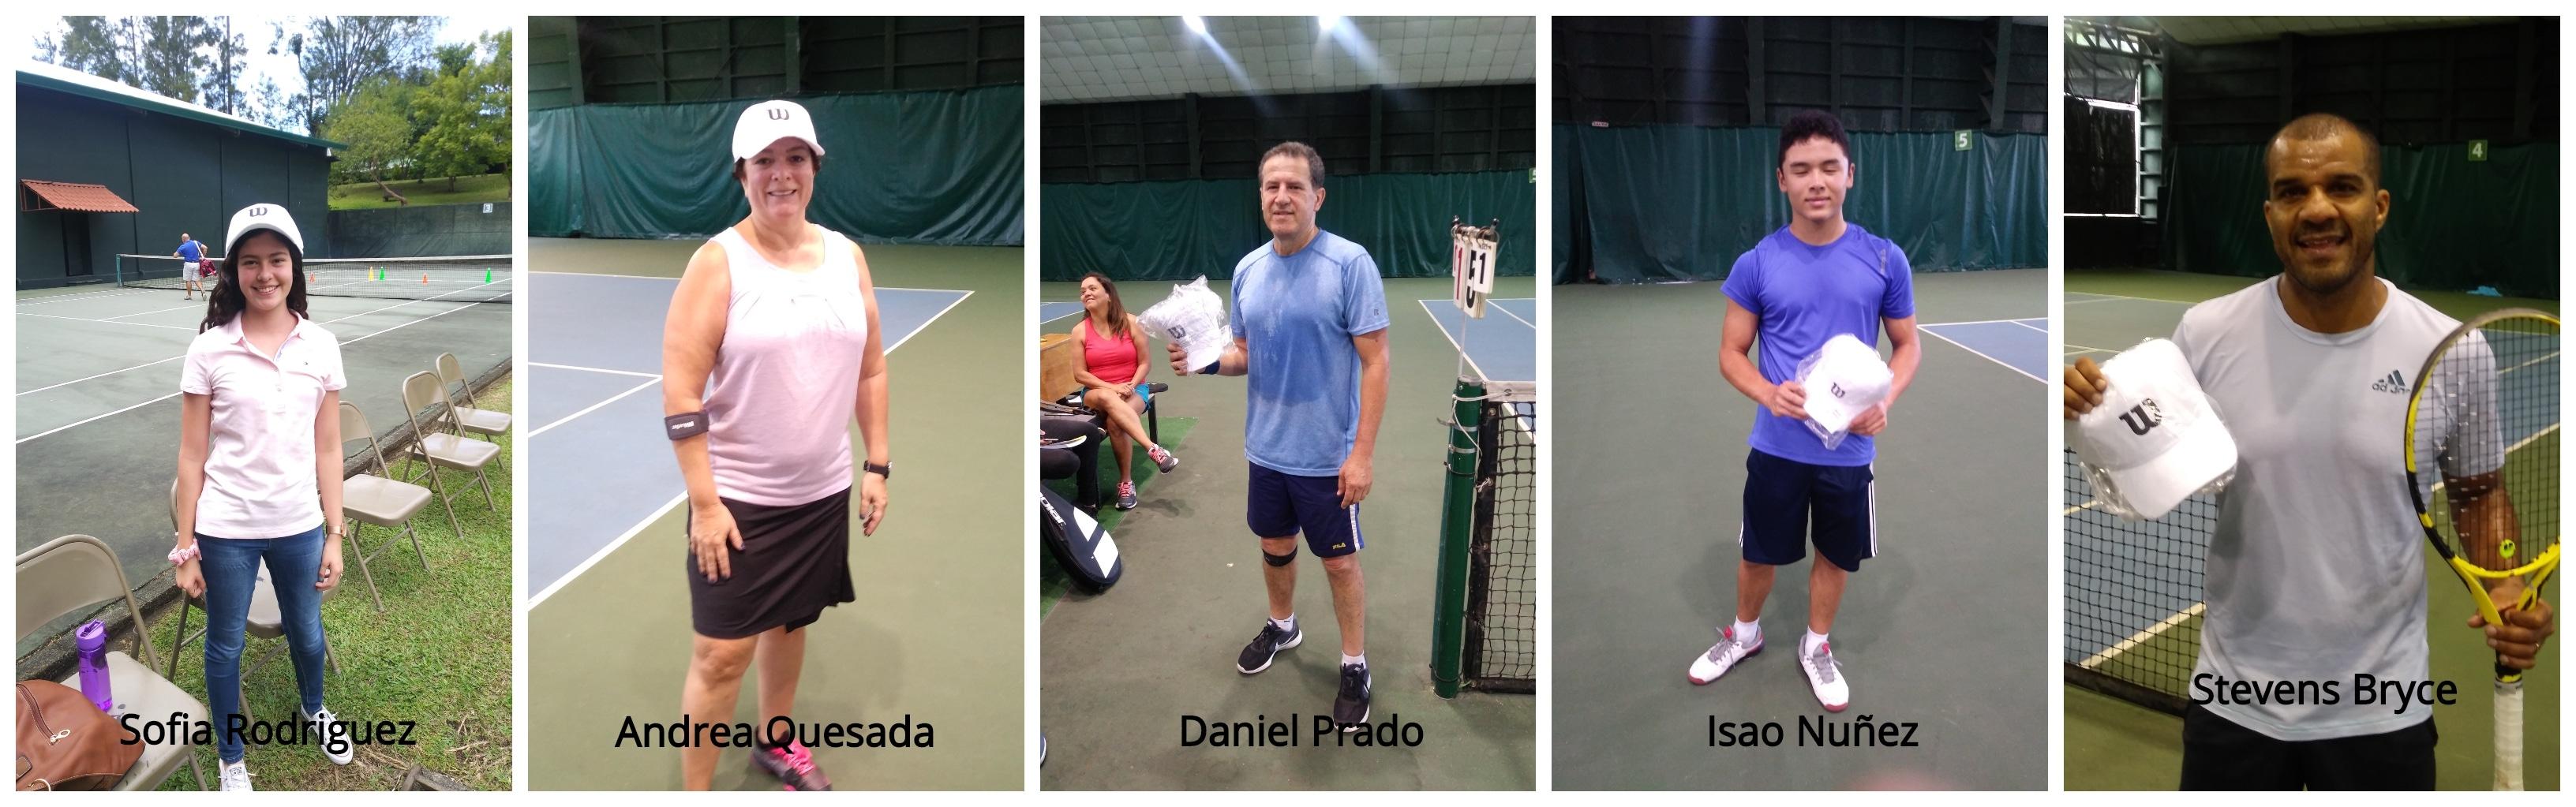 Subcampeones torneo de tenis